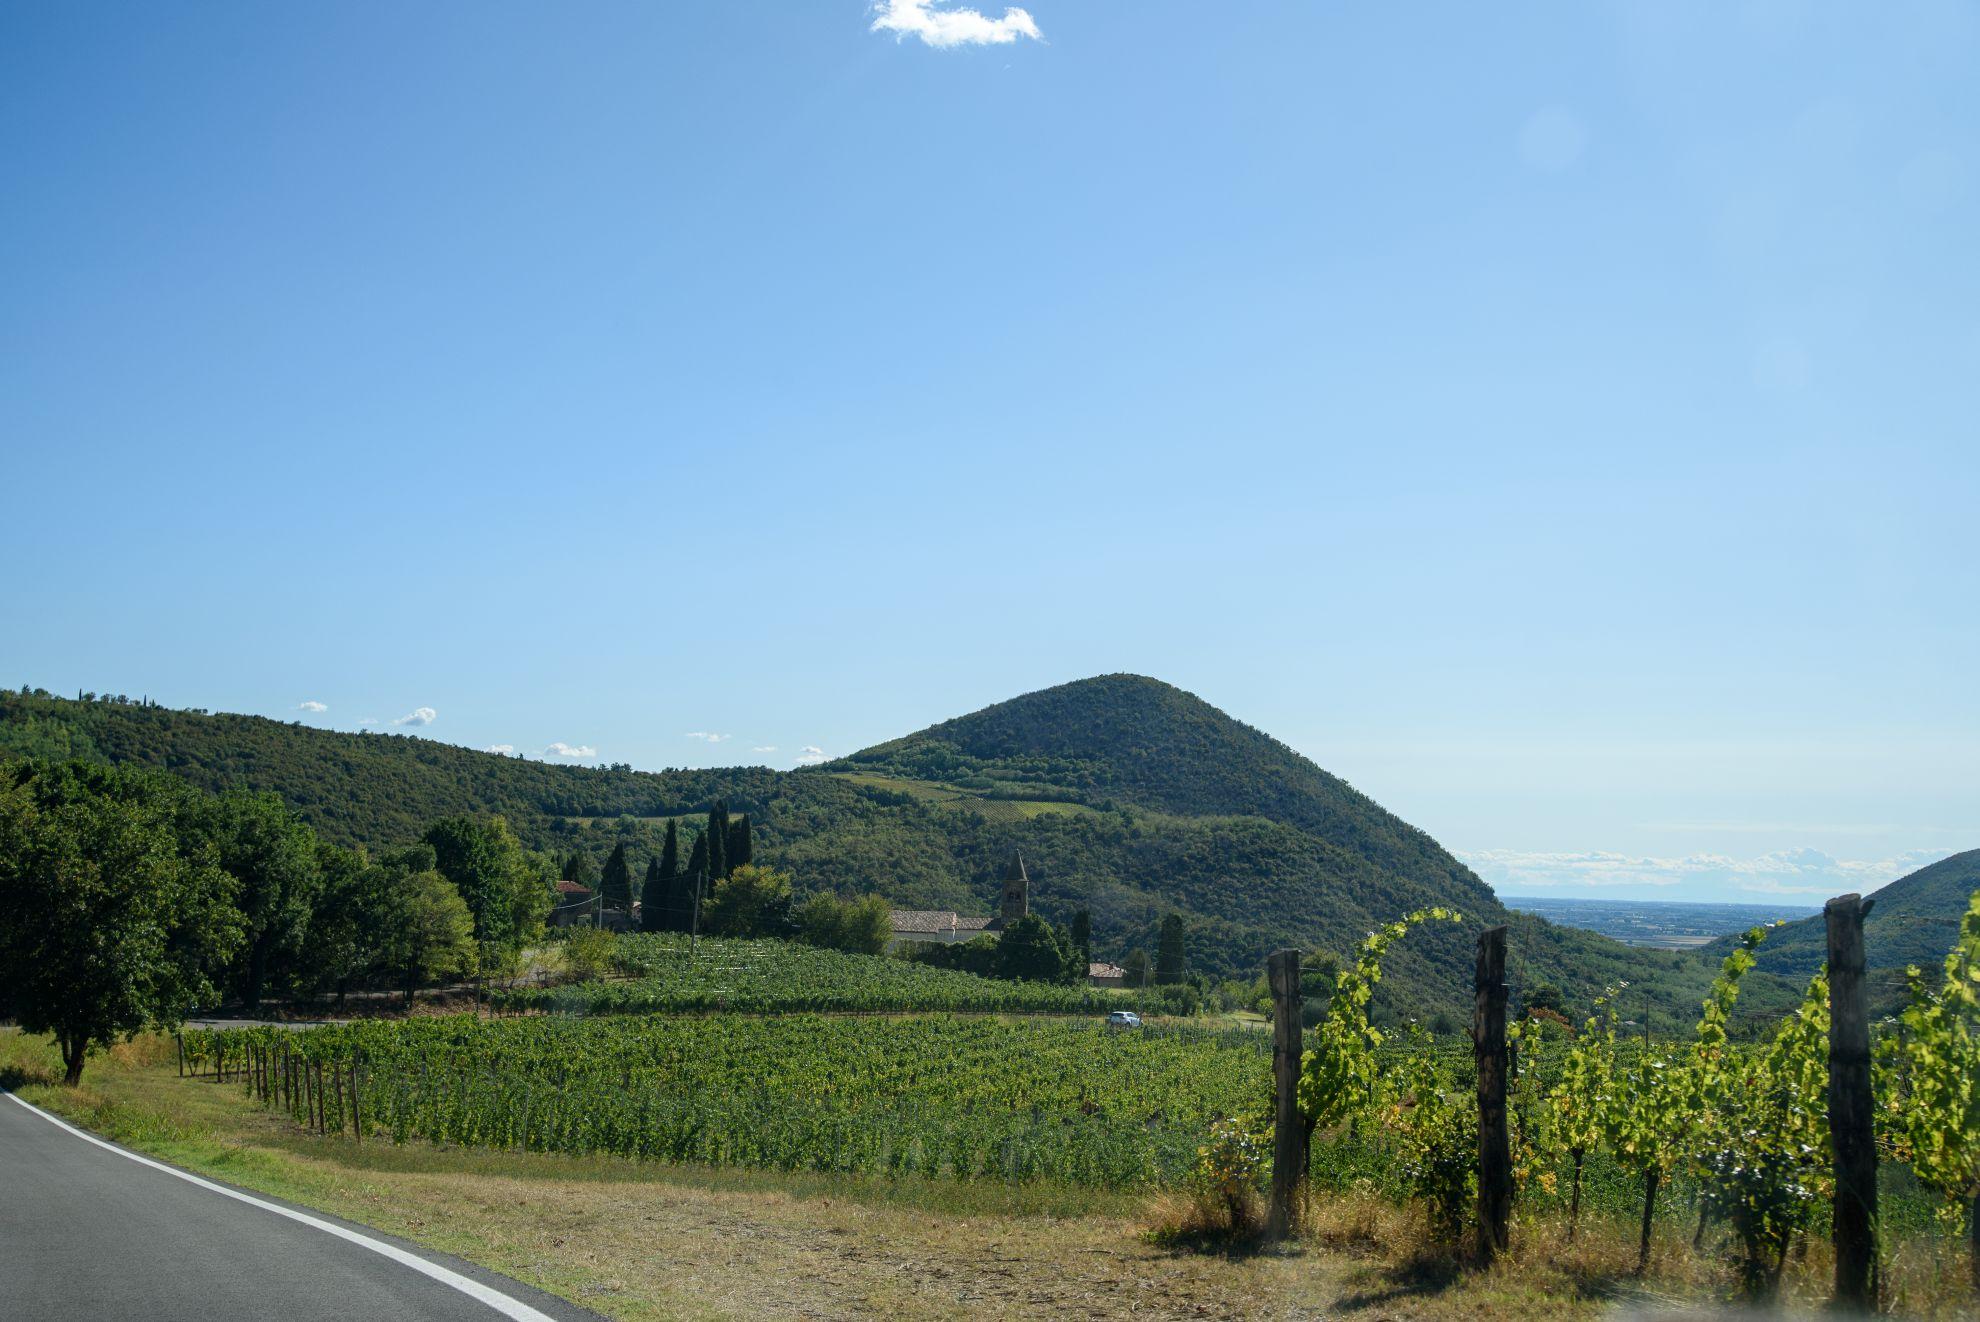 Wzgórza wulkaniczne Colli Euganei